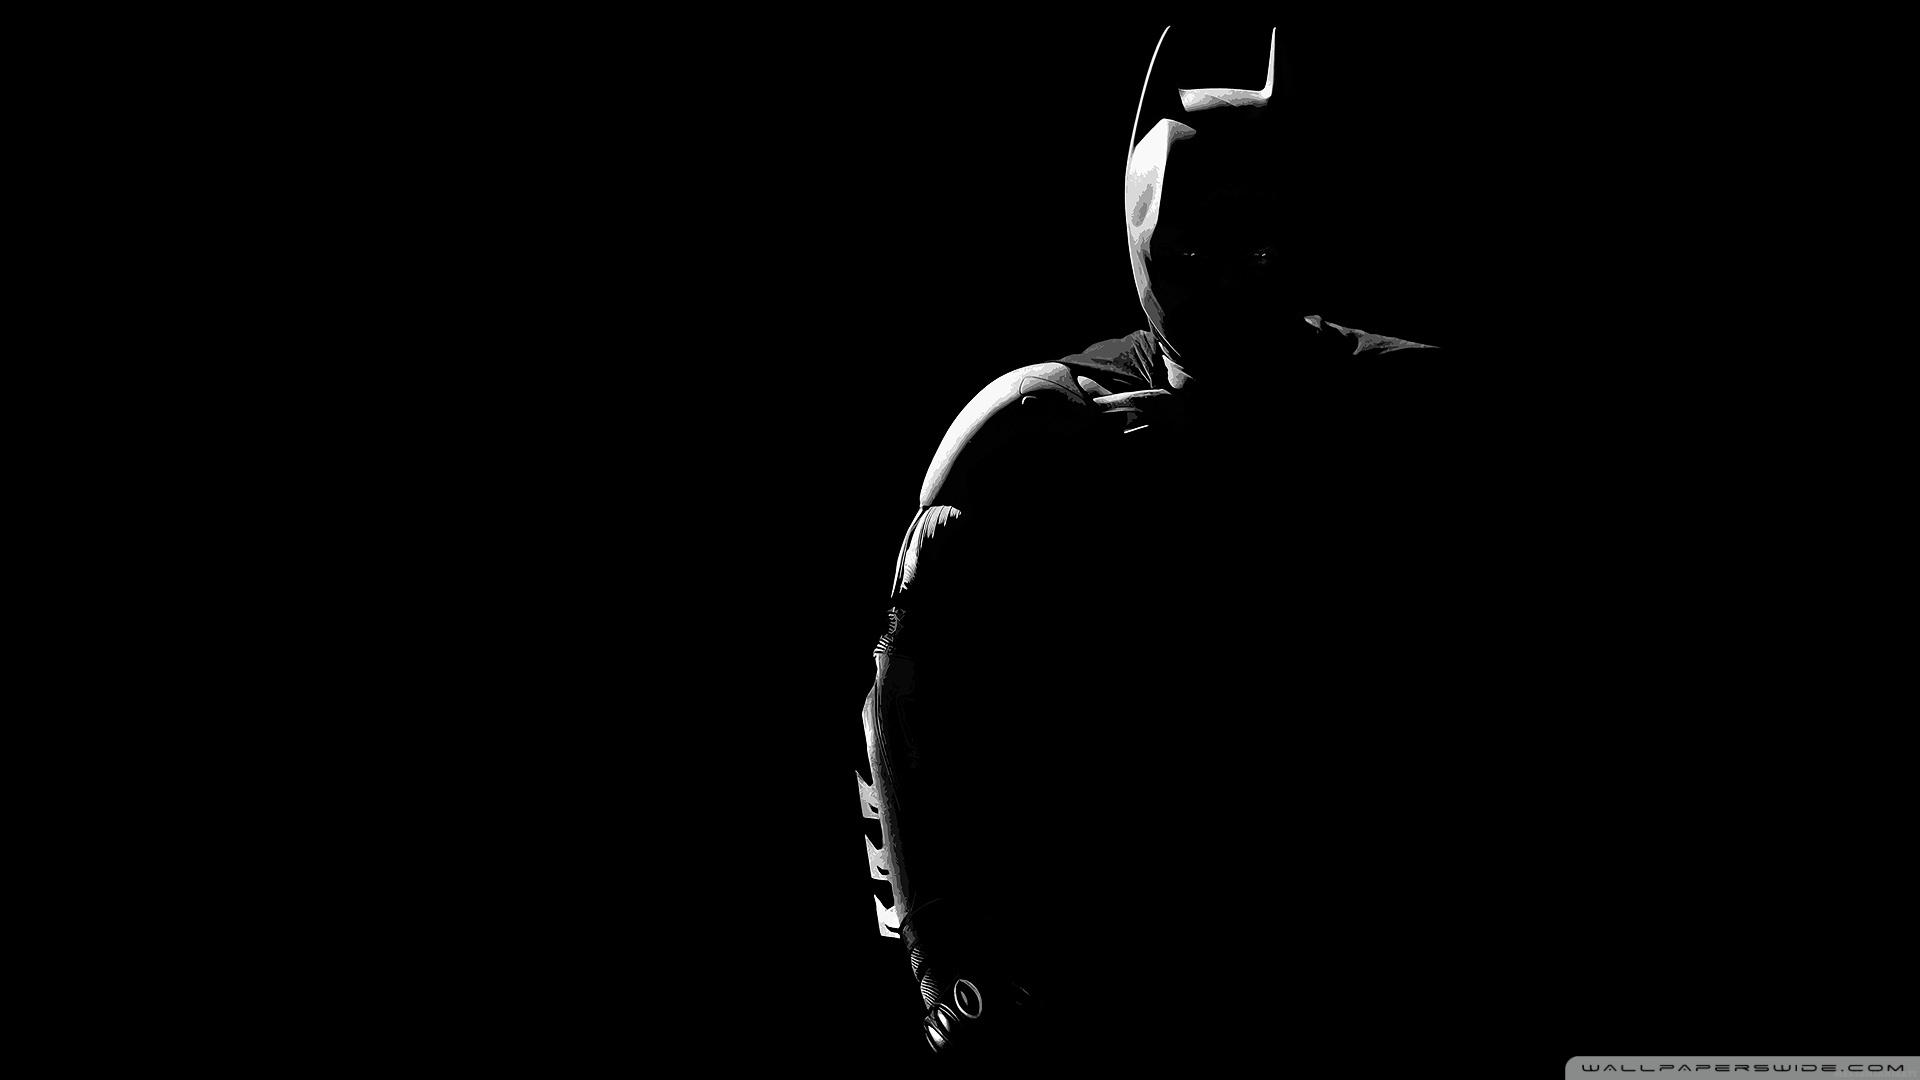 Batman Dark Wallpaper 1920x1080 Batman Dark 1920x1080